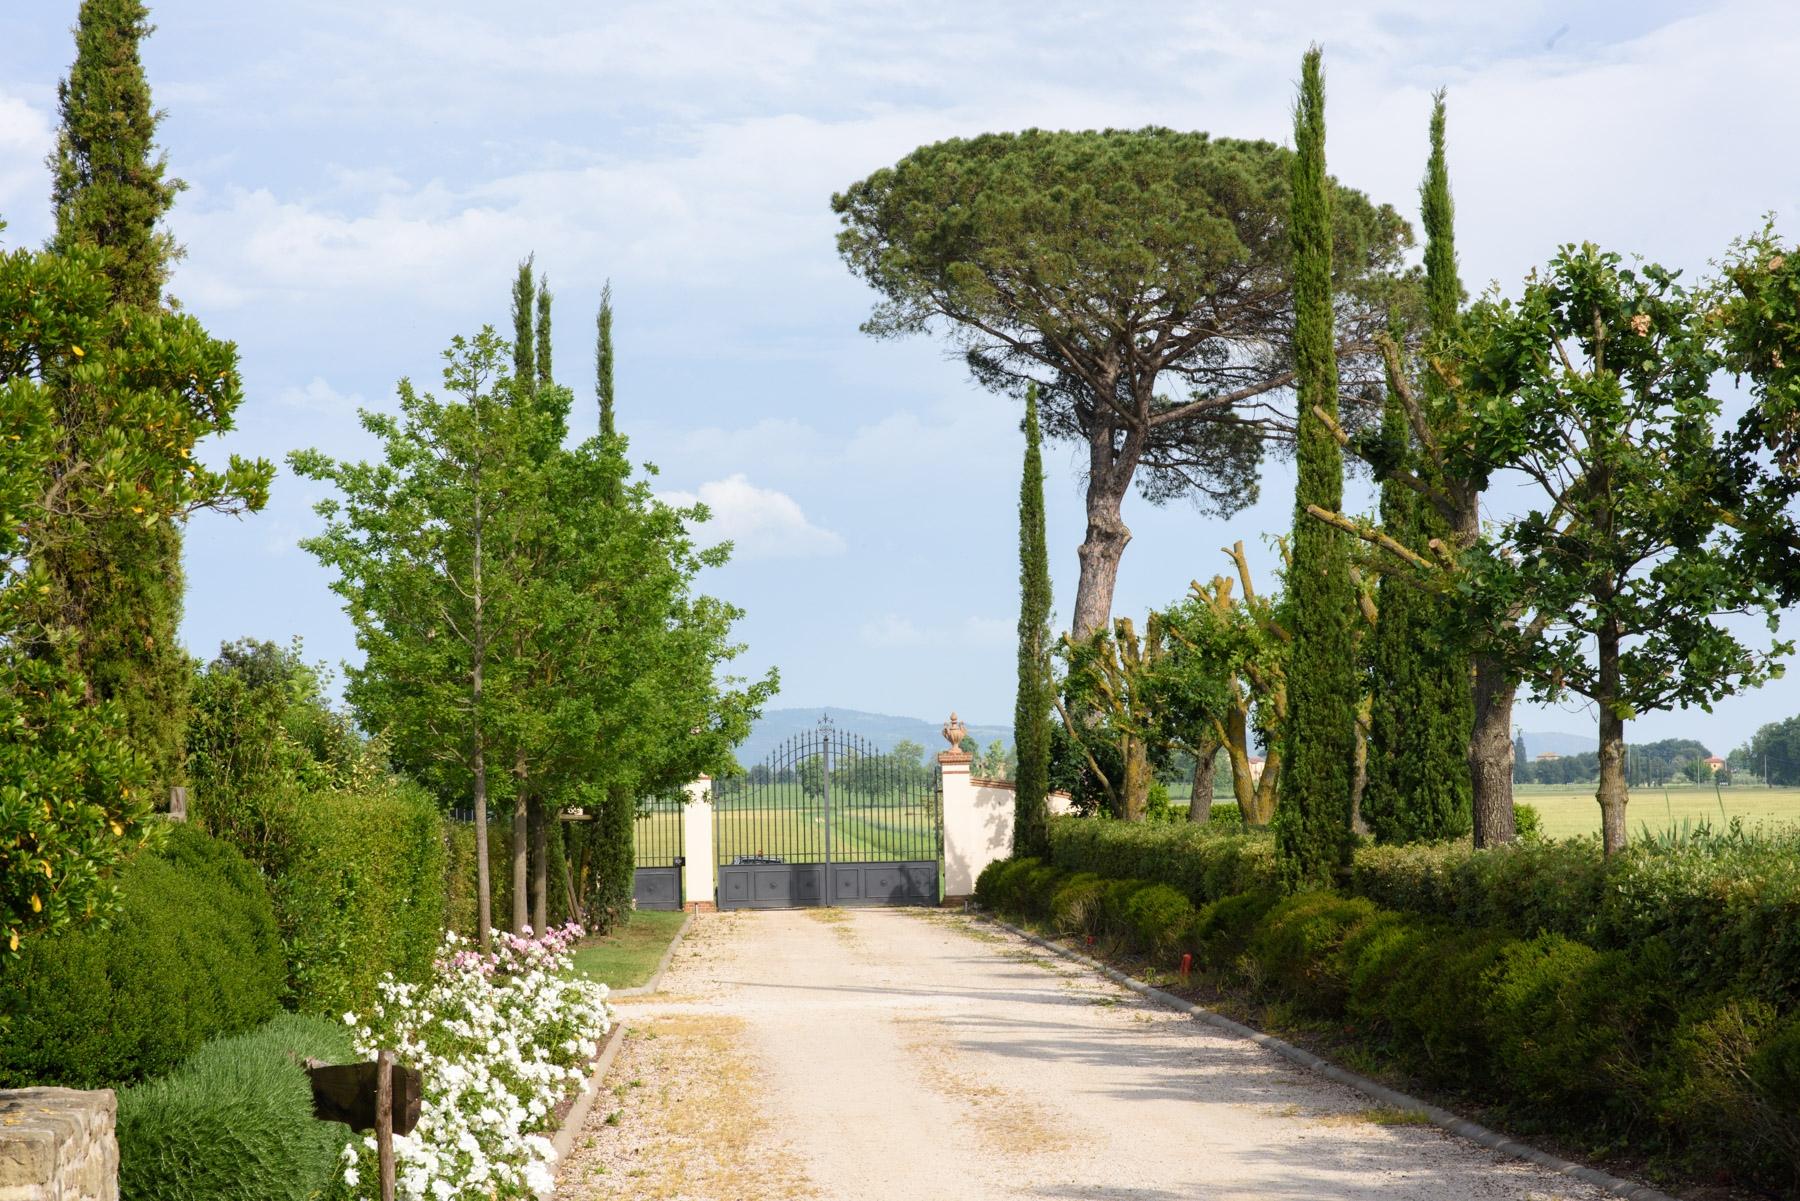 Villa in Vendita a Cortona: 5 locali, 246 mq - Foto 13